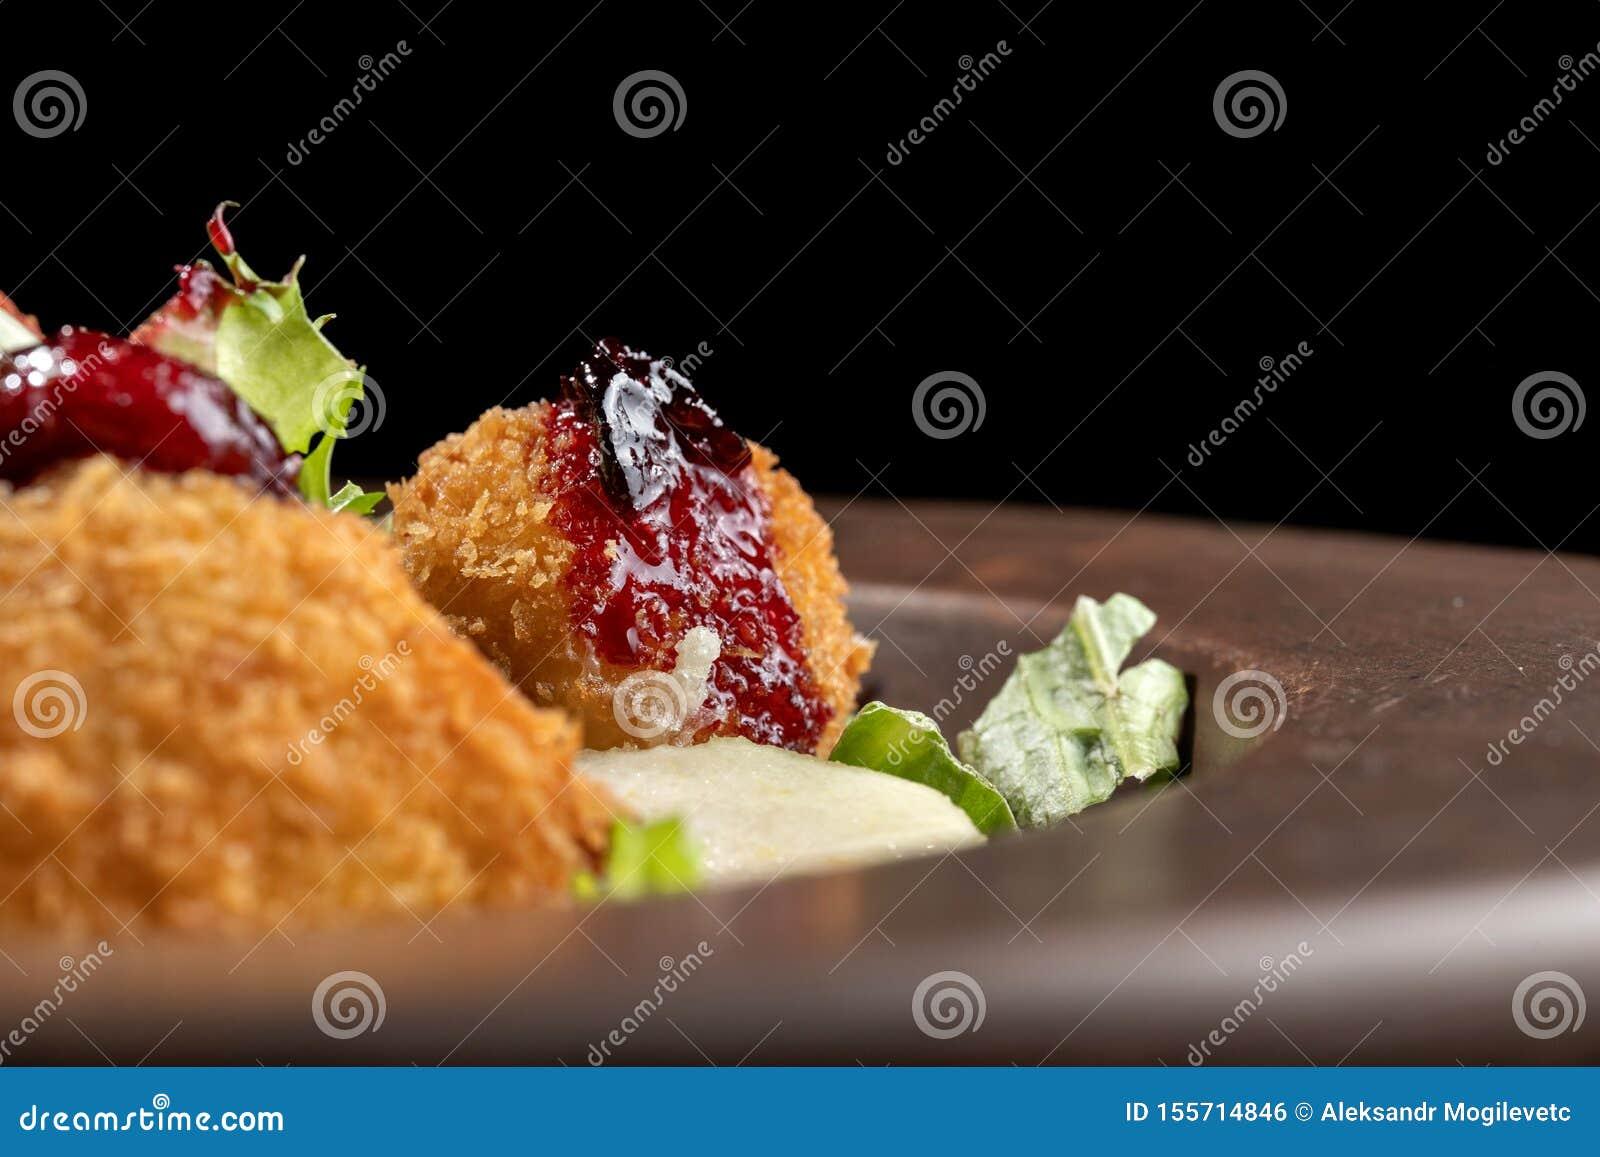 Los anillos de espuma hechos en casa sabrosos del queso atascan, vertido con la pera y salad-2